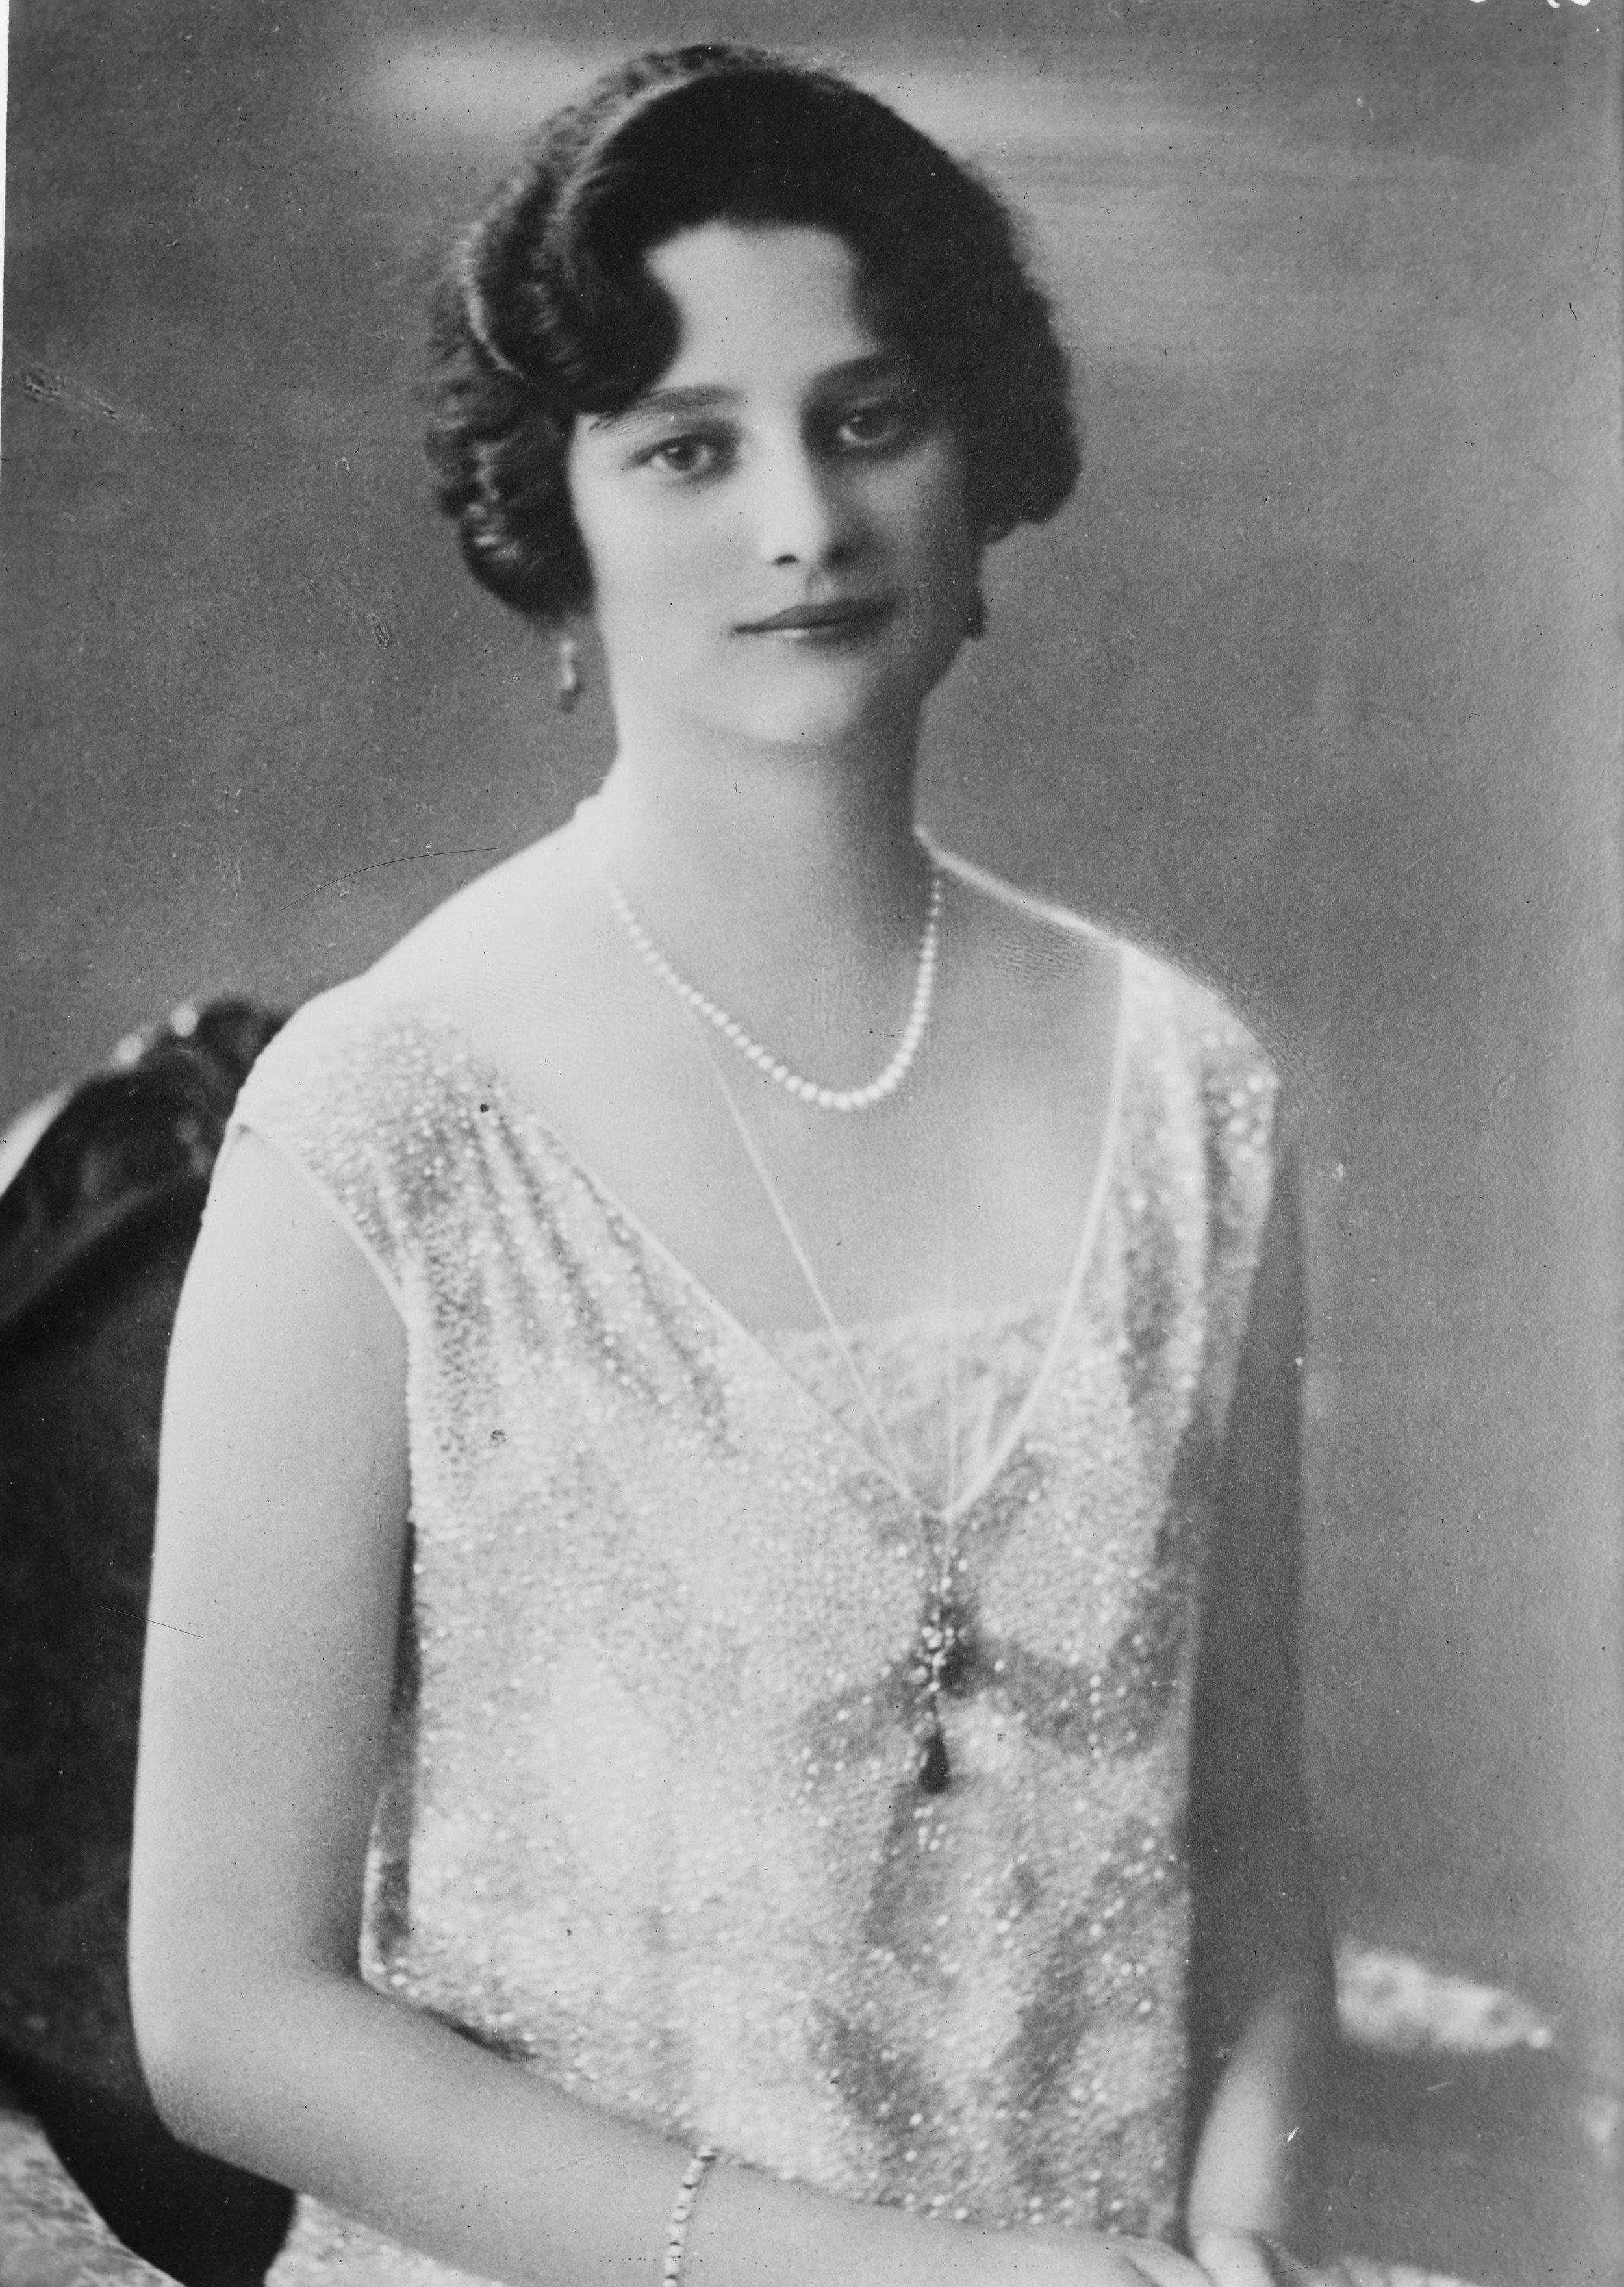 Astrid, Prinzessin von Schweden, Königin der Belgier war wegen ihrer herzensguten Art sehr beliebt Foto: Fotograf unbekannt, Gemeinfrei